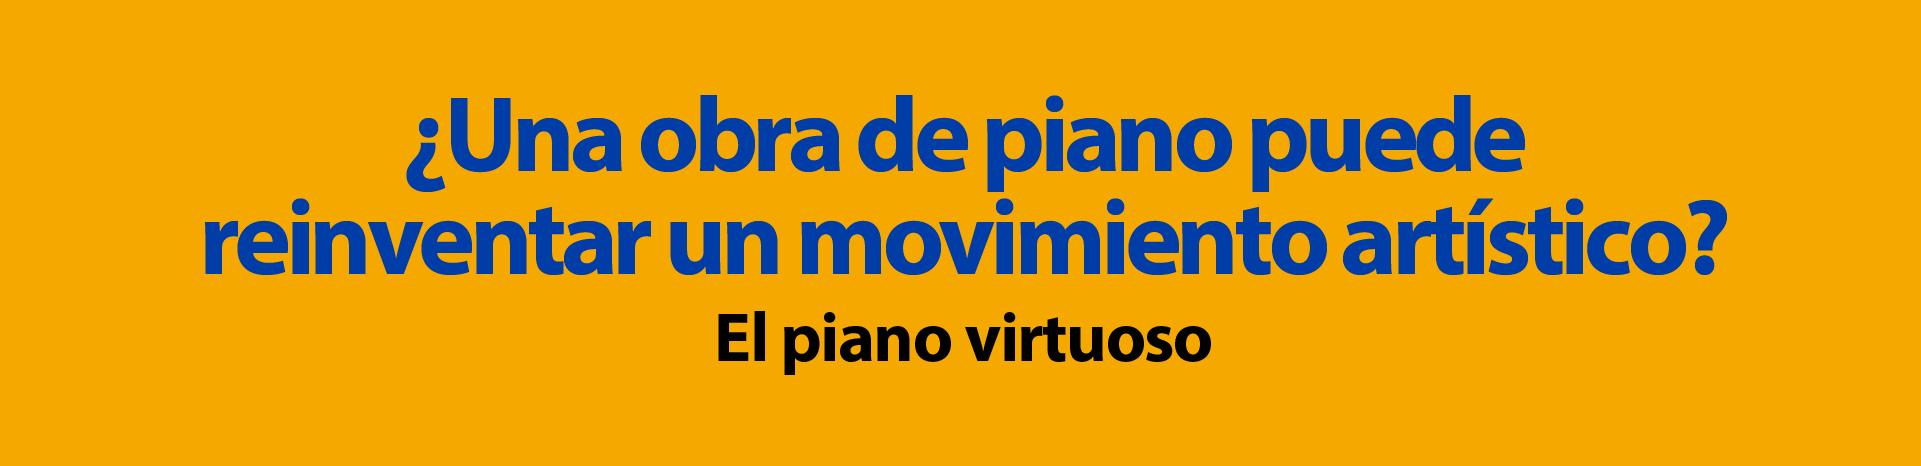 banner web - piano virtuoso